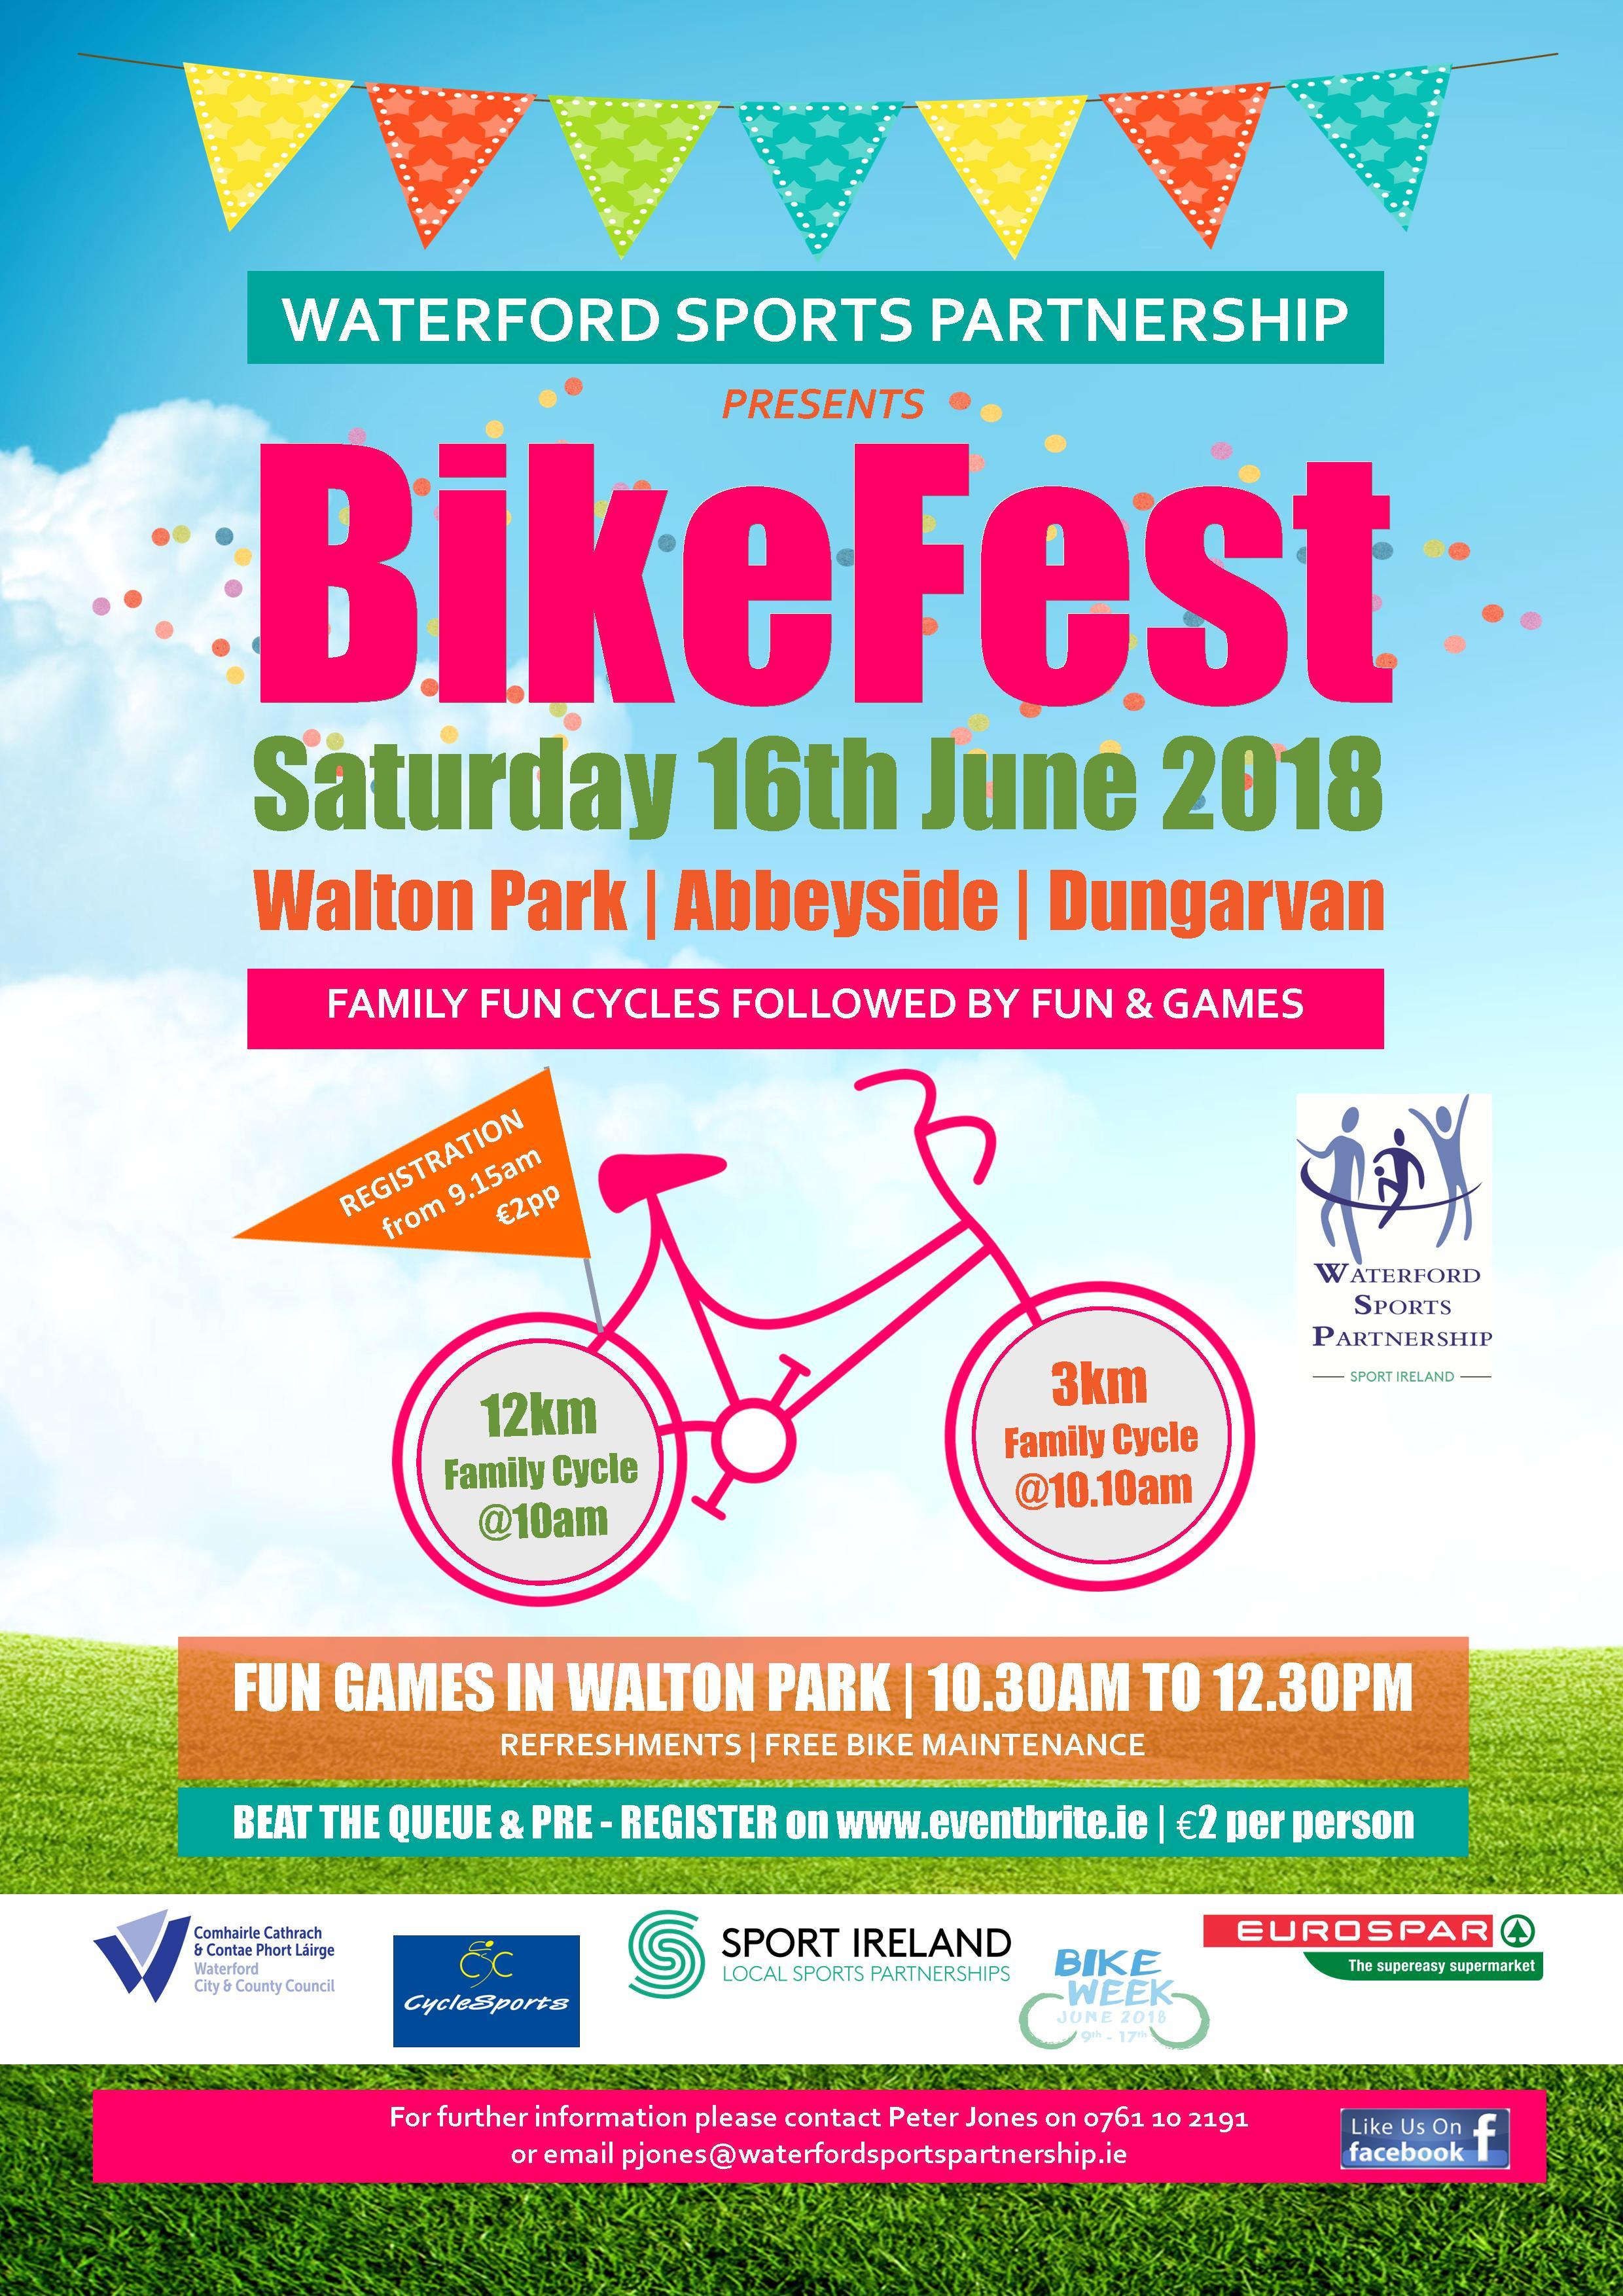 bikefest 2018